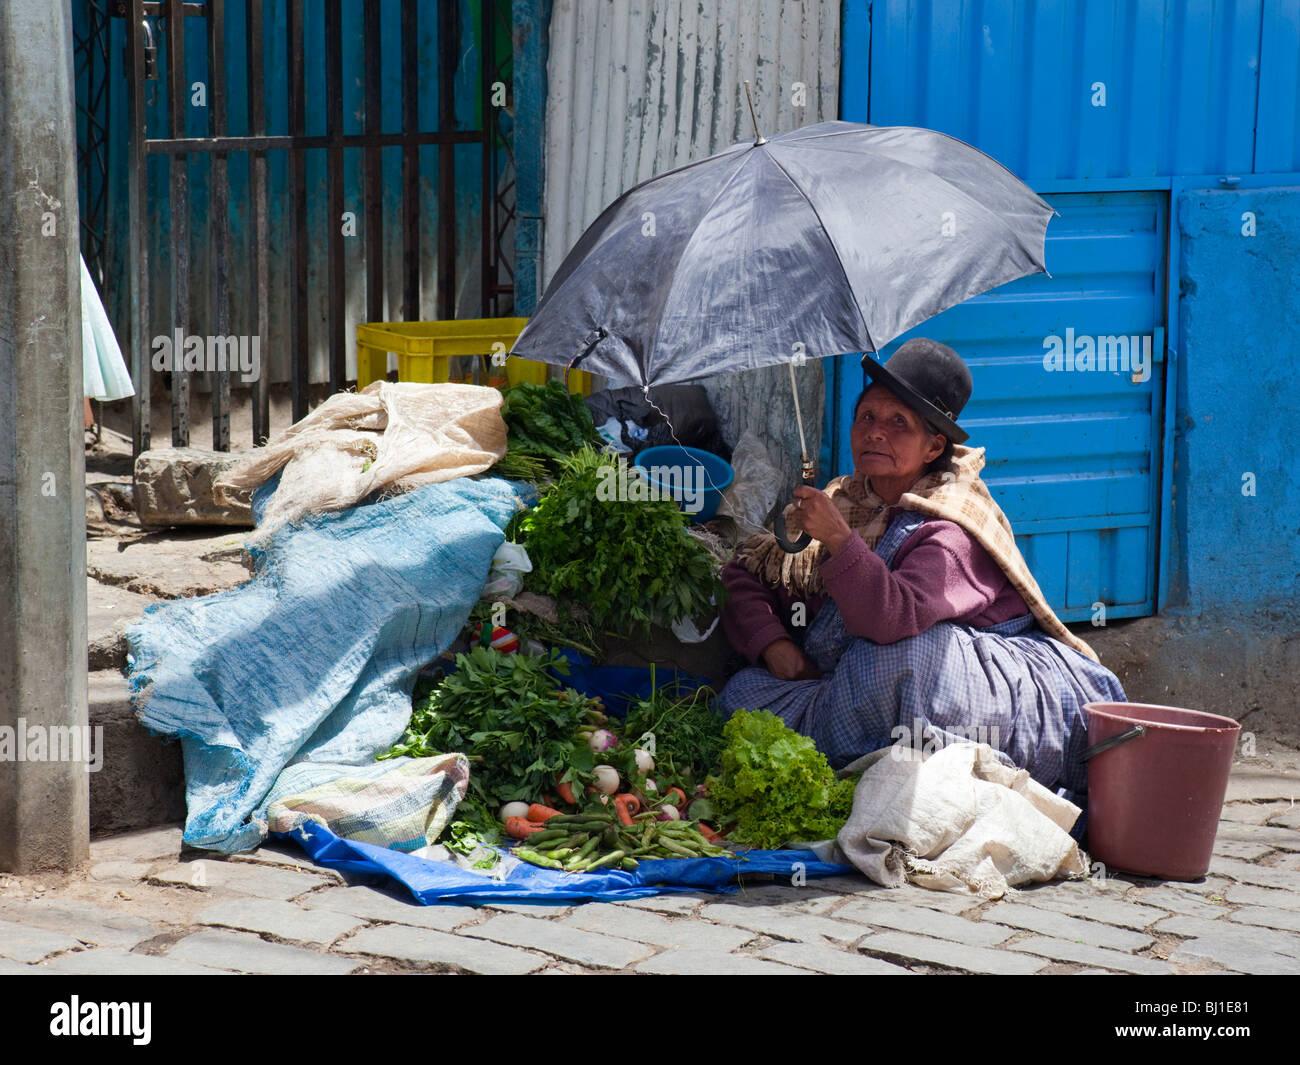 cholita-at-a-market-stall-in-la-paz-boli